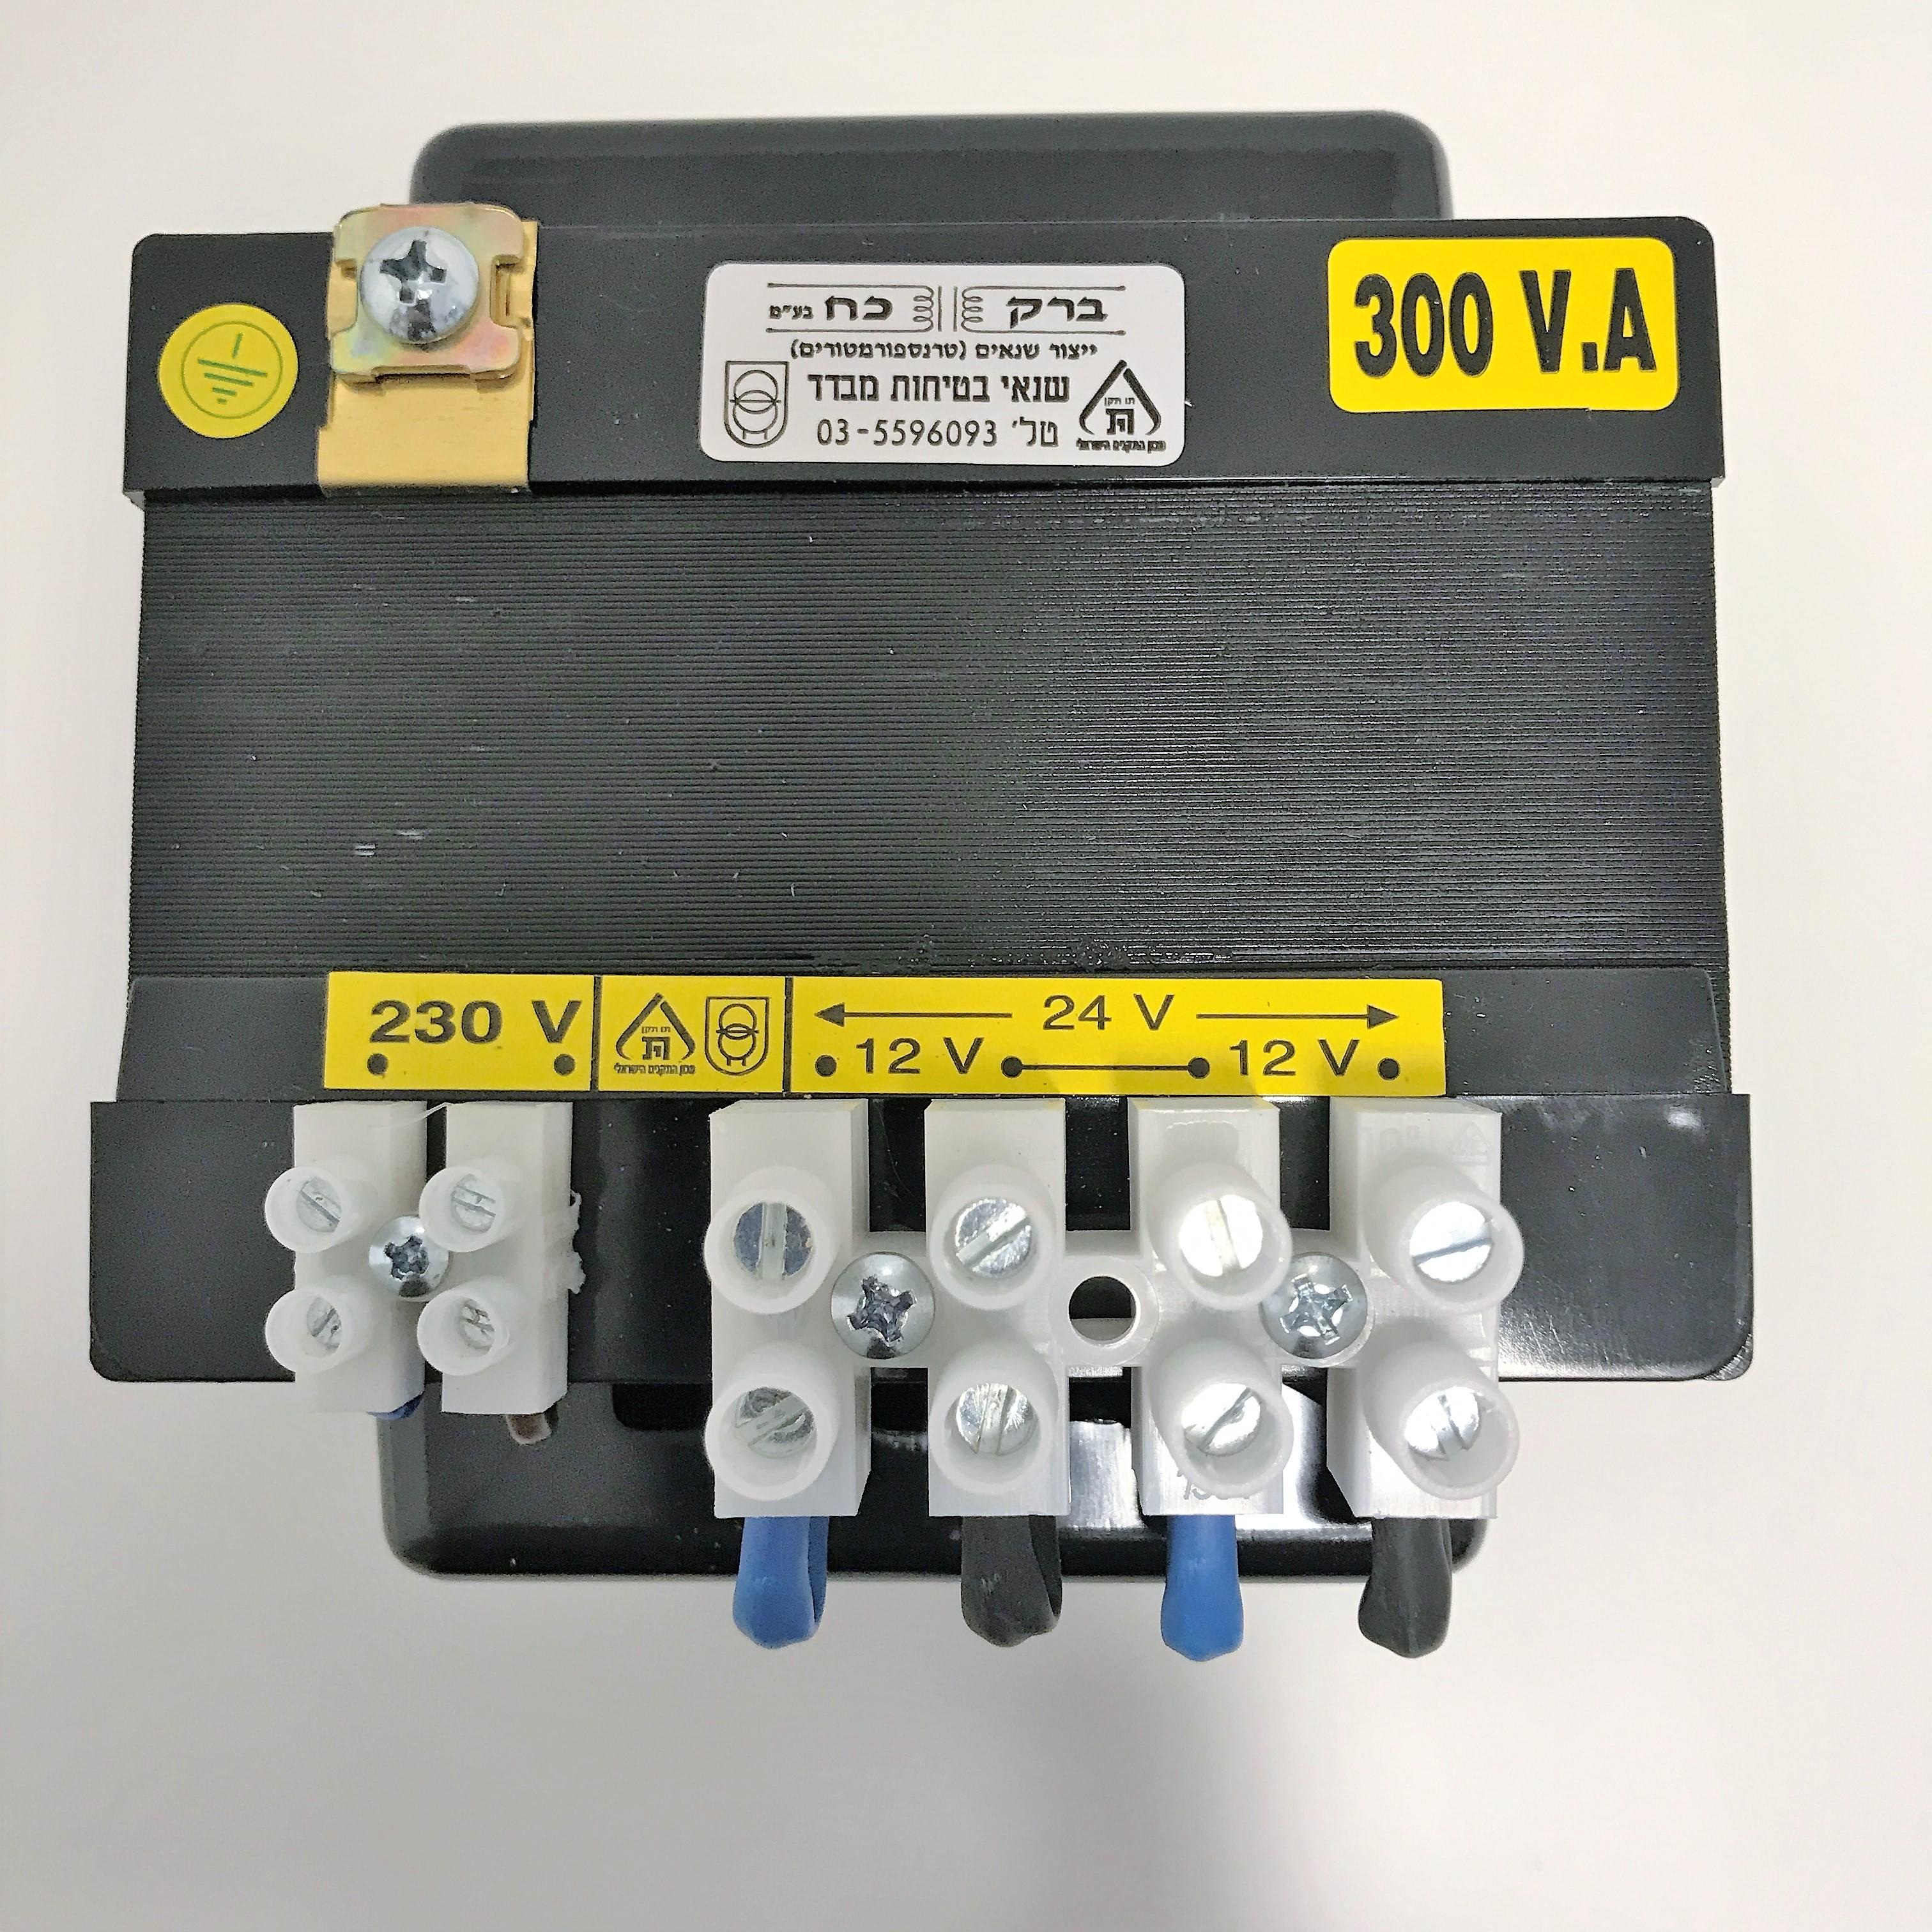 שנאי מבדל בהספק 300VA במתחים 230V-24V